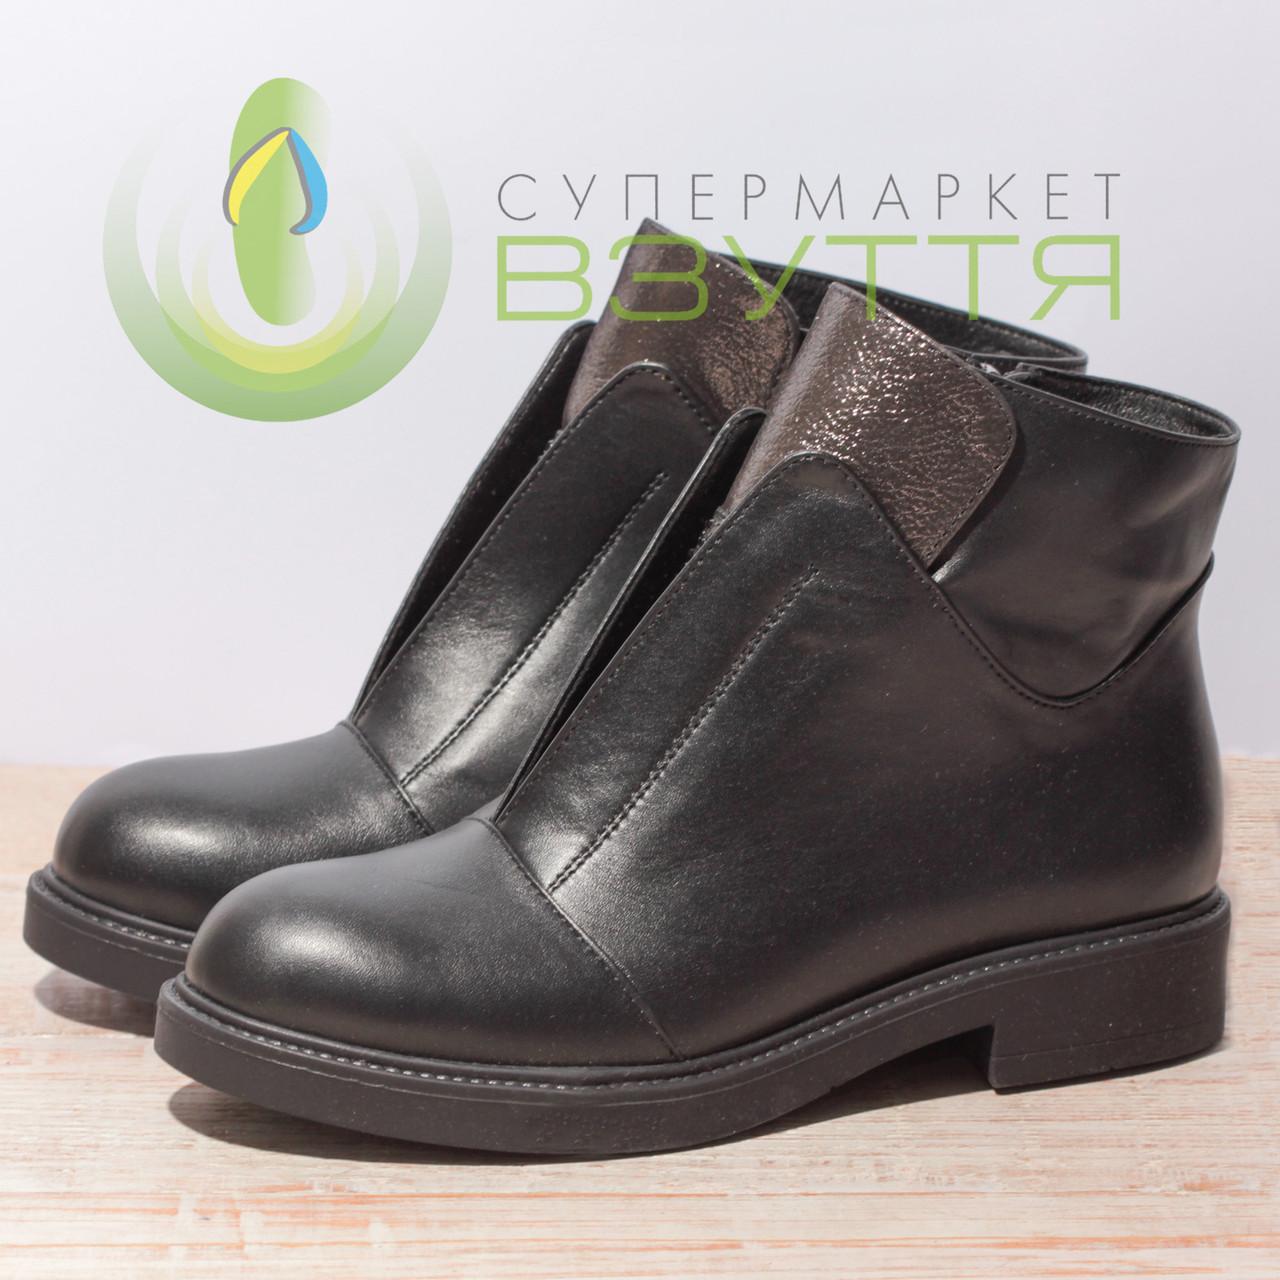 Кожаные женские ботинки арт. 223 ч/к 36,40 размеры